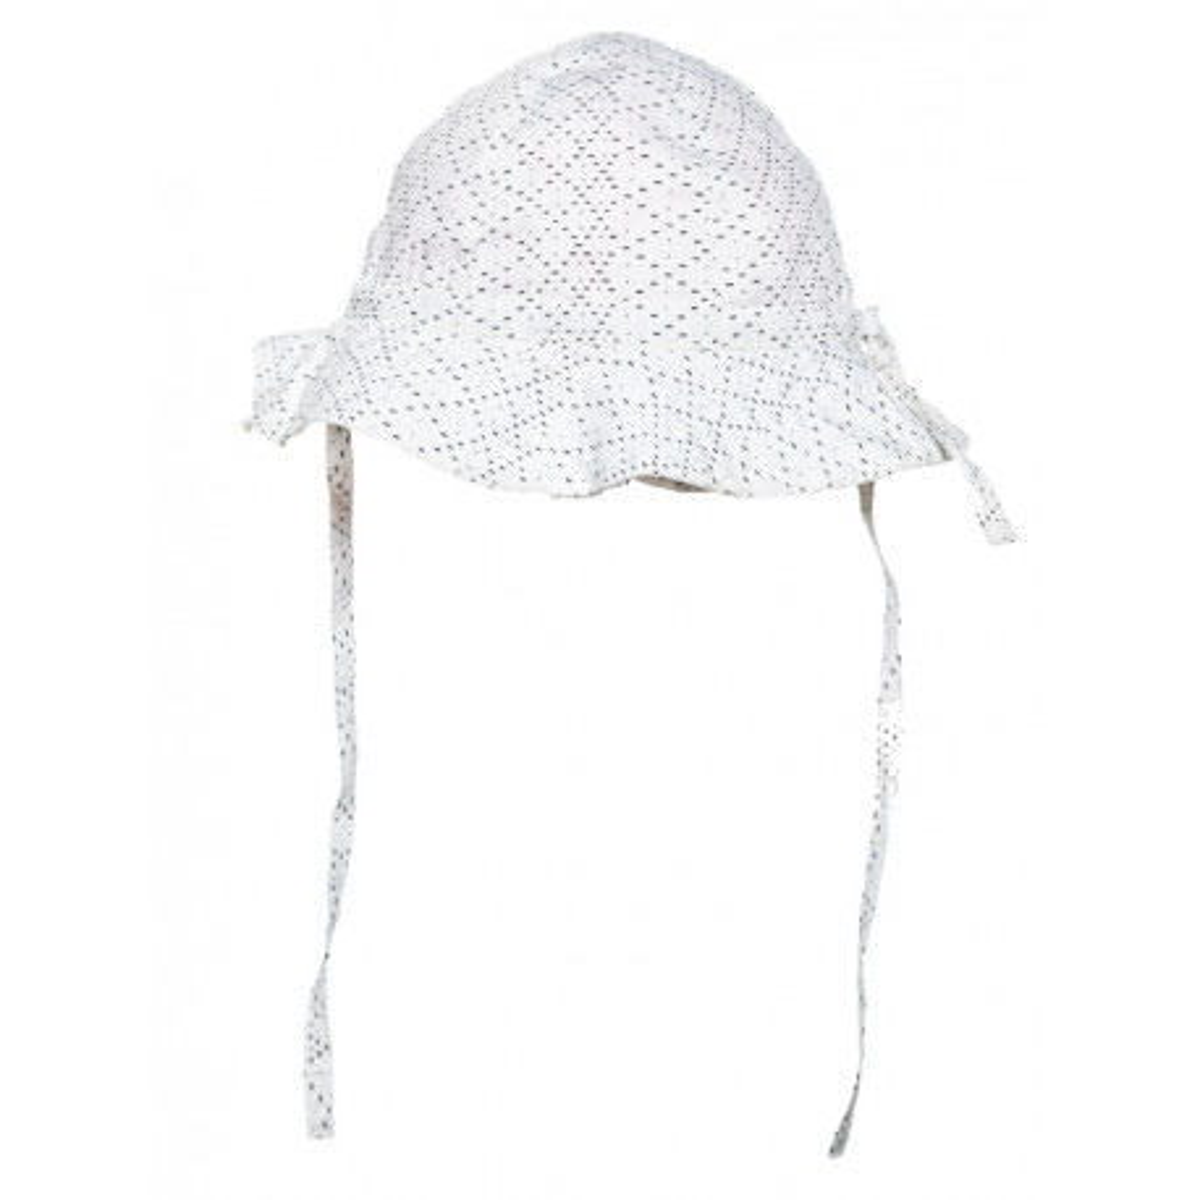 Chapeau de soleil bébé coton réglable blanc à motifs